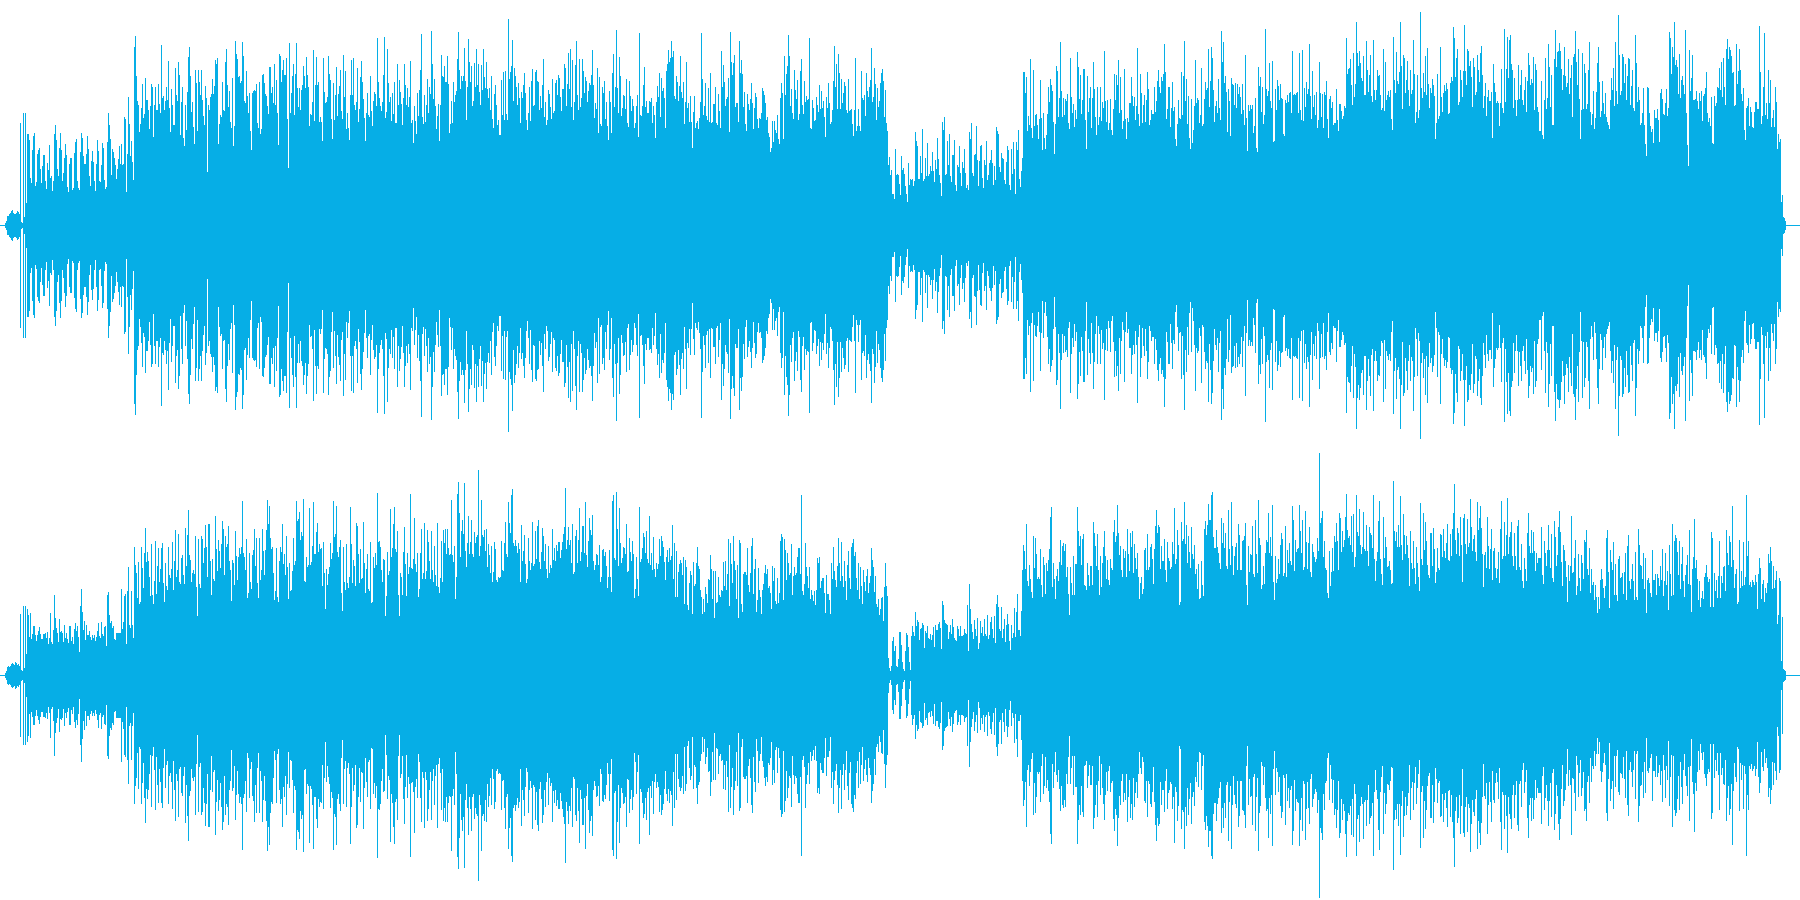 単調だけど飽きさせない音色が絡み合った曲の再生済みの波形